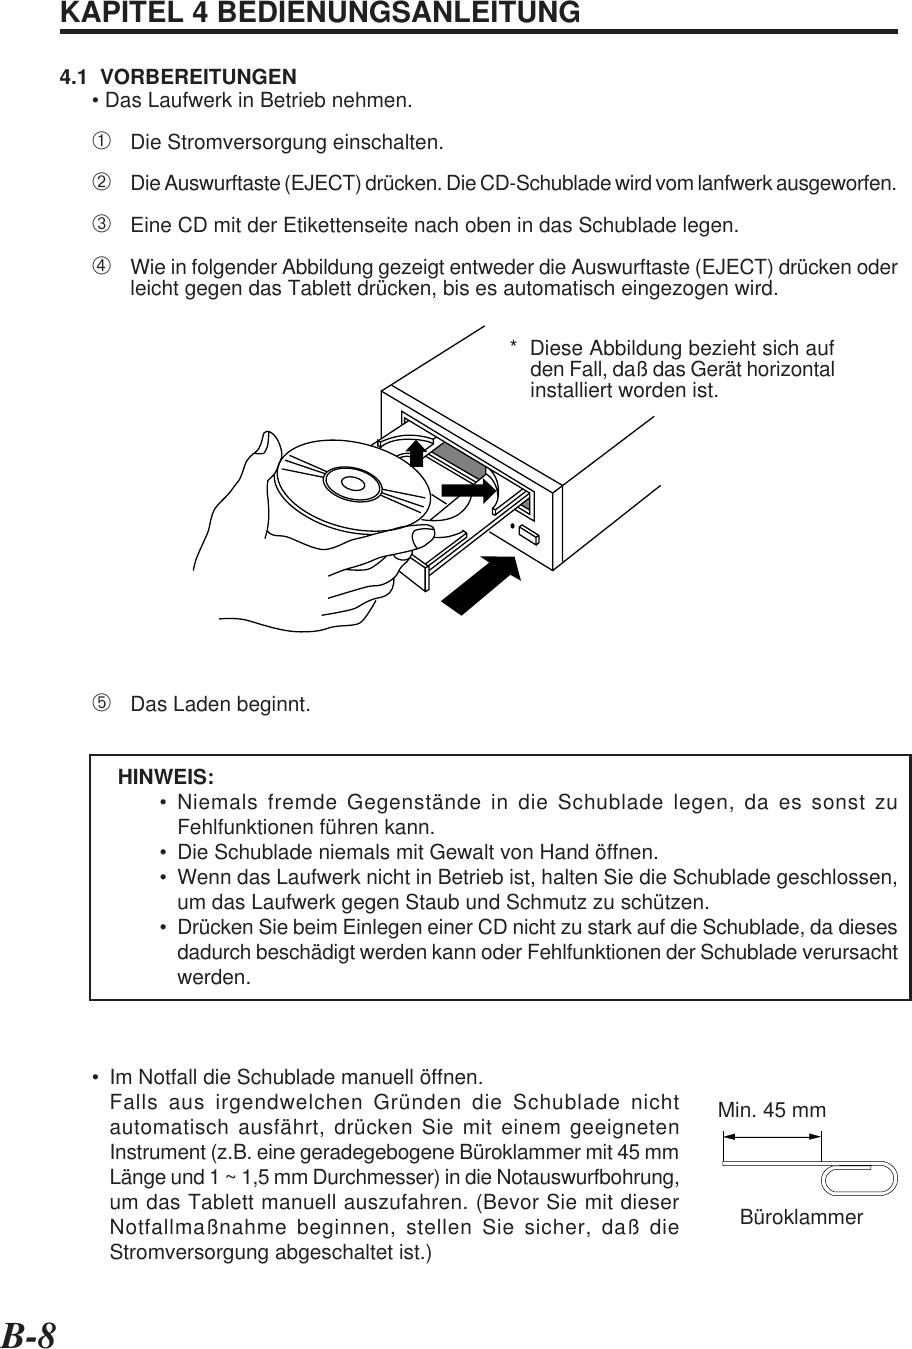 B-8KAPITEL 4 BEDIENUNGSANLEITUNG4.1  VORBEREITUNGEN• Das Laufwerk in Betrieb nehmen.➀Die Stromversorgung einschalten.➁Die Auswurftaste (EJECT) drücken. Die CD-Schublade wird vom lanfwerk ausgeworfen.➂Eine CD mit der Etikettenseite nach oben in das Schublade legen.➃Wie in folgender Abbildung gezeigt entweder die Auswurftaste (EJECT) drücken oderleicht gegen das Tablett drücken, bis es automatisch eingezogen wird.➄Das Laden beginnt.HINWEIS:• Niemals fremde Gegenstände in die Schublade legen, da es sonst zuFehlfunktionen führen kann.• Die Schublade niemals mit Gewalt von Hand öffnen.• Wenn das Laufwerk nicht in Betrieb ist, halten Sie die Schublade geschlossen,um das Laufwerk gegen Staub und Schmutz zu schützen.• Drücken Sie beim Einlegen einer CD nicht zu stark auf die Schublade, da diesesdadurch beschädigt werden kann oder Fehlfunktionen der Schublade verursachtwerden.• Im Notfall die Schublade manuell öffnen.Falls aus irgendwelchen Gründen die Schublade nichtautomatisch ausfährt, drücken Sie mit einem geeignetenInstrument (z.B. eine geradegebogene Büroklammer mit 45 mmLänge und 1 ~ 1,5 mm Durchmesser) in die Notauswurfbohrung,um das Tablett manuell auszufahren. (Bevor Sie mit dieserNotfallmaßnahme beginnen, stellen Sie sicher, daß dieStromversorgung abgeschaltet ist.)*  Diese Abbildung bezieht sich aufden Fall, daß das Gerät horizontalinstalliert worden ist.Min. 45 mmBüroklammer